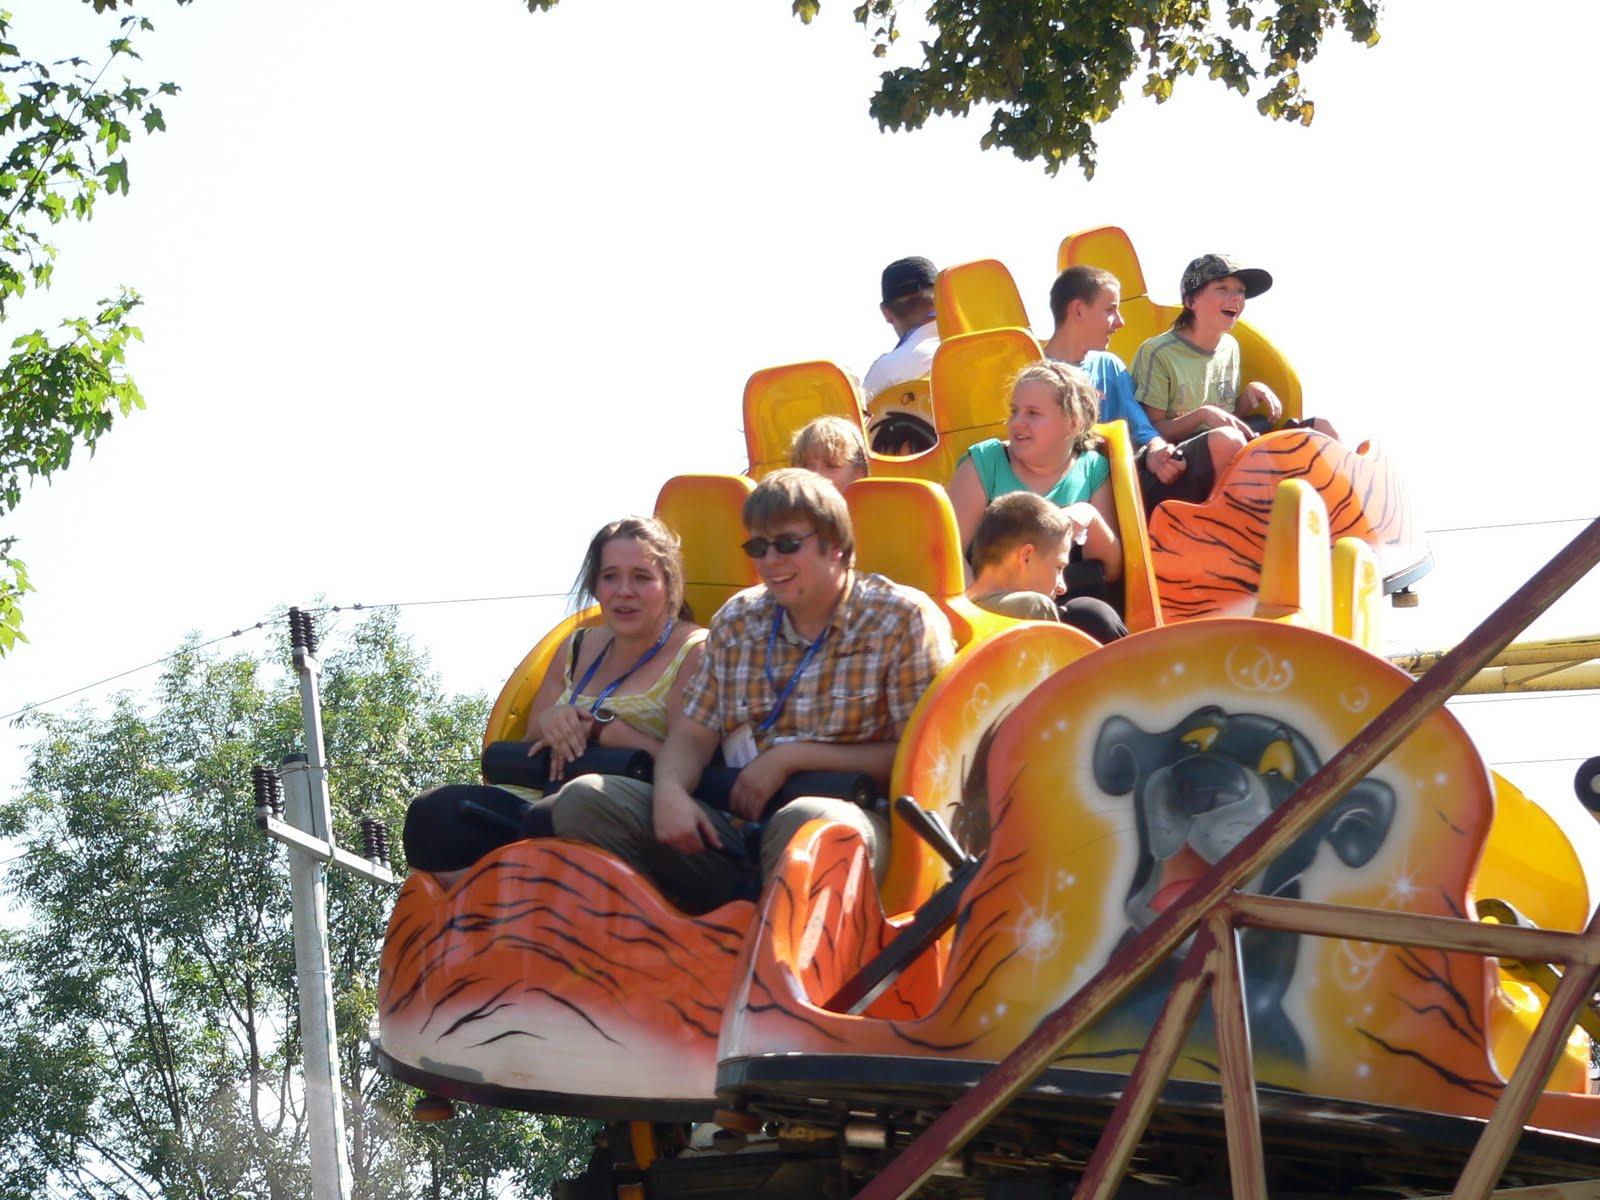 W sobotę, 27 sierpnia 2011 roku, w parku rozrywki Rabkoland szaleli Mali Pacjenci i ich rodzeństwo:)...a czasem też rodzice 🙂 Pod opieką wolontariuszy MHD zabawa była odjazdowa, a po niej wszyscy spotkaliśmy się w Zajeździe pod Chmurką na małe co nieco :).  Autorka zdjęć: Pati :)